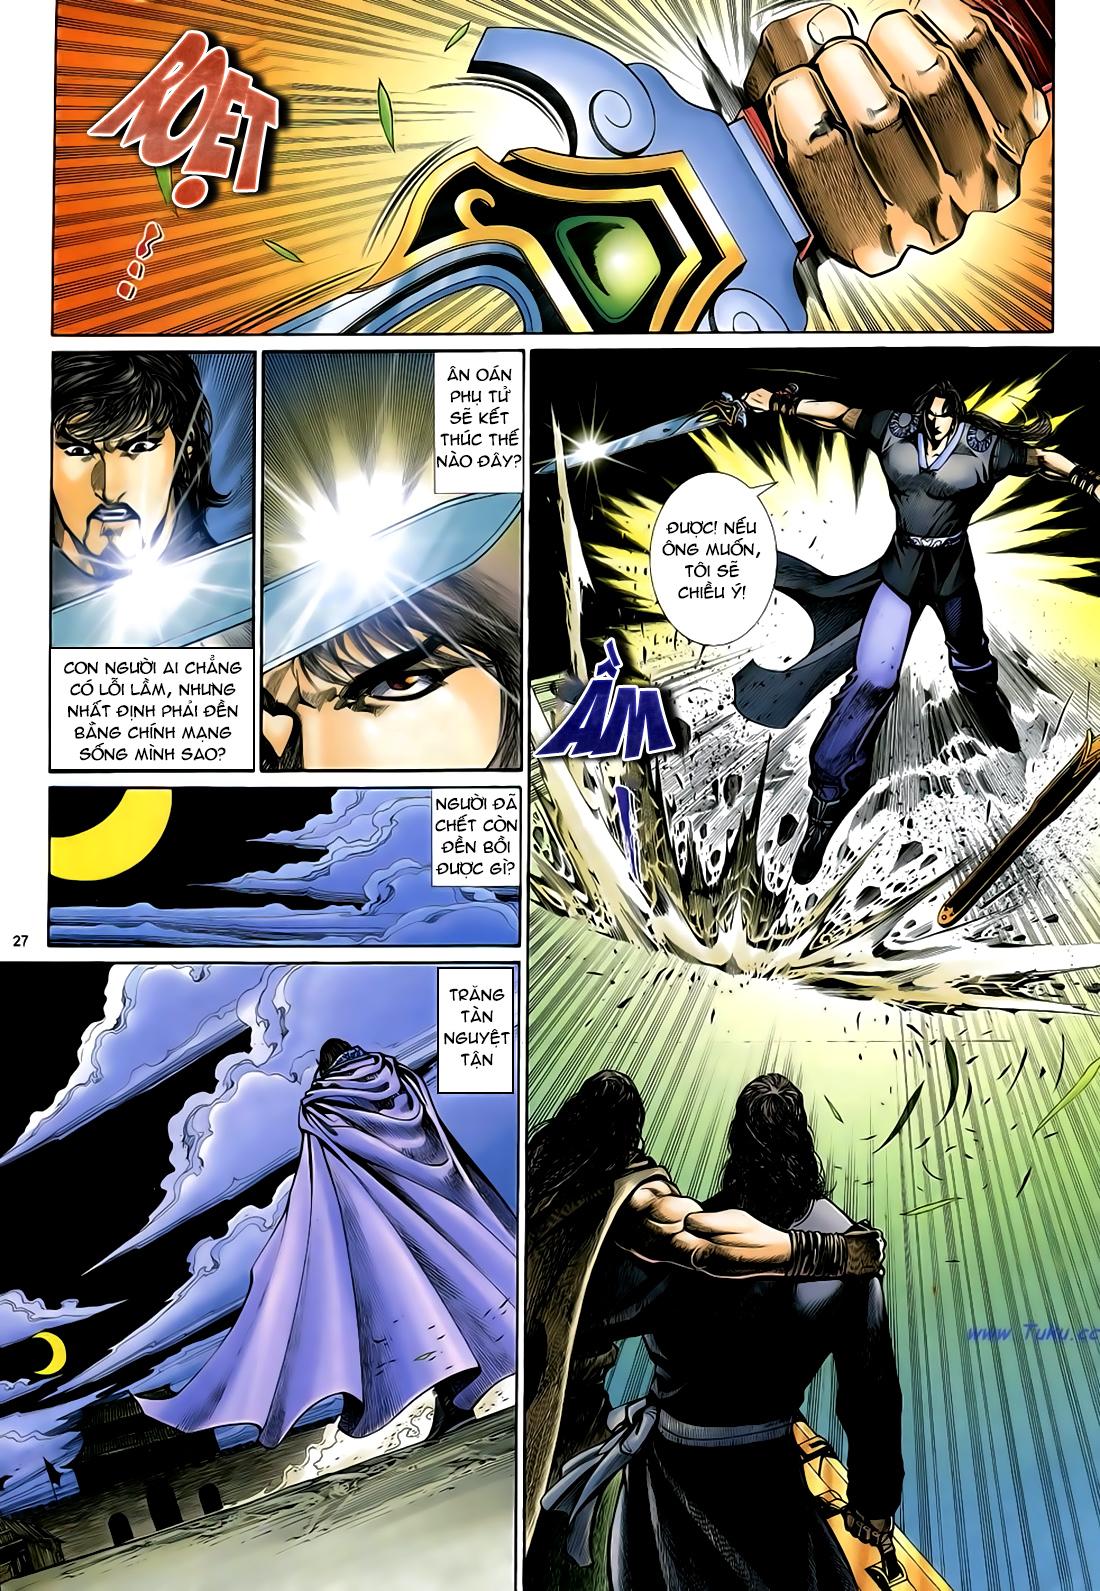 Anh hùng vô lệ Chap 29 trang 28